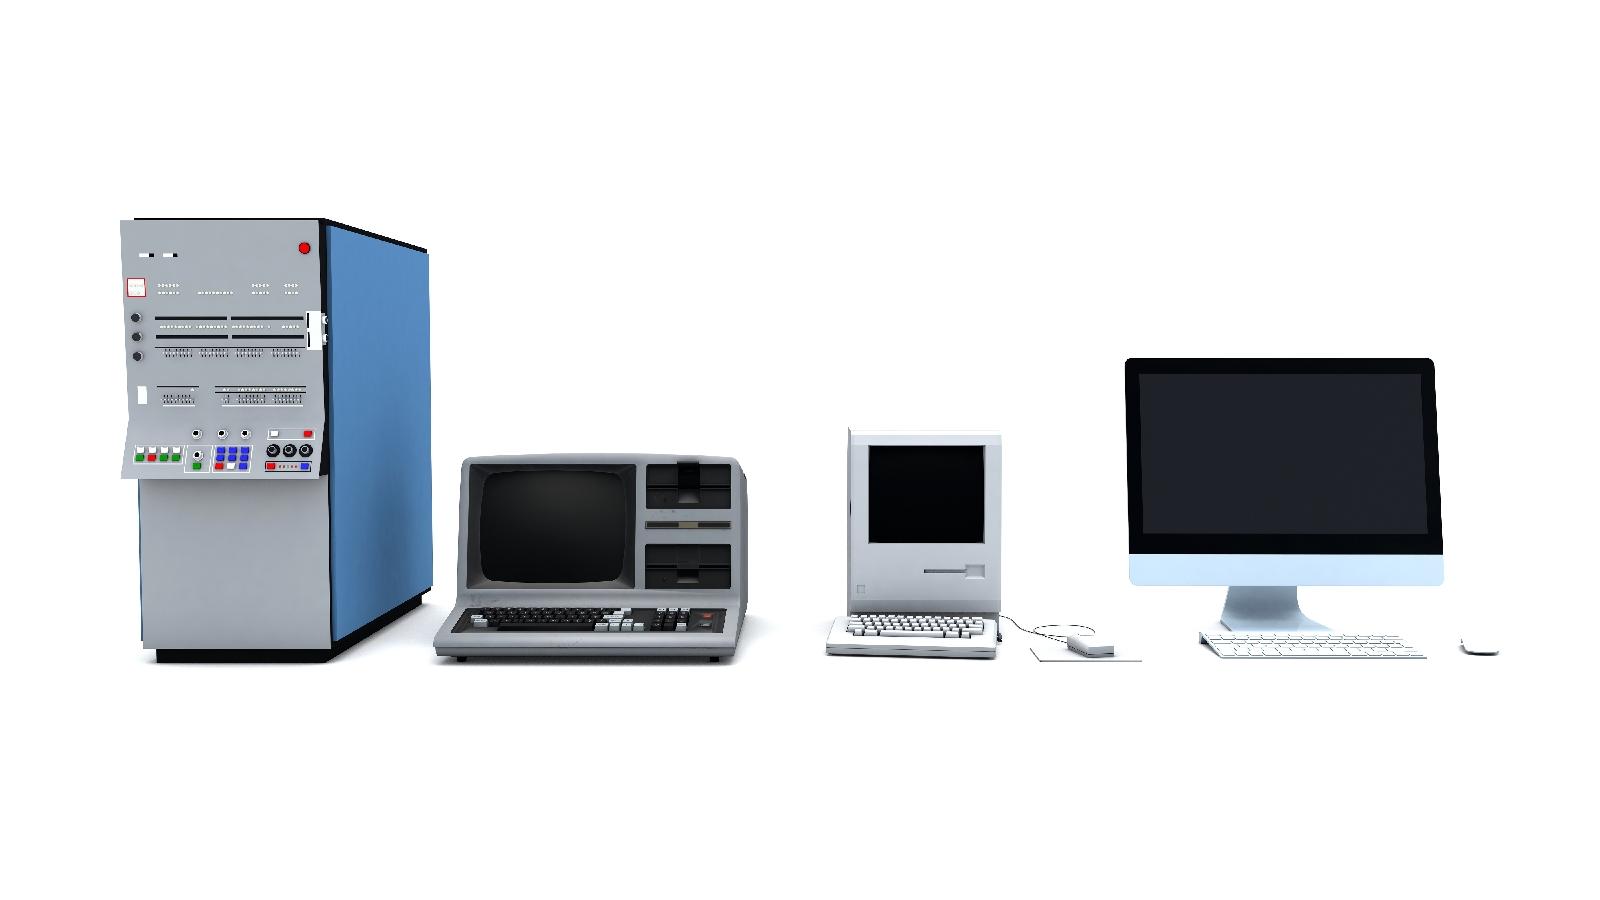 ย้อนอดีตวิวัฒนาการ กว่าจะมาเป็น Laptop-Tablet ยุคดิจิทัล